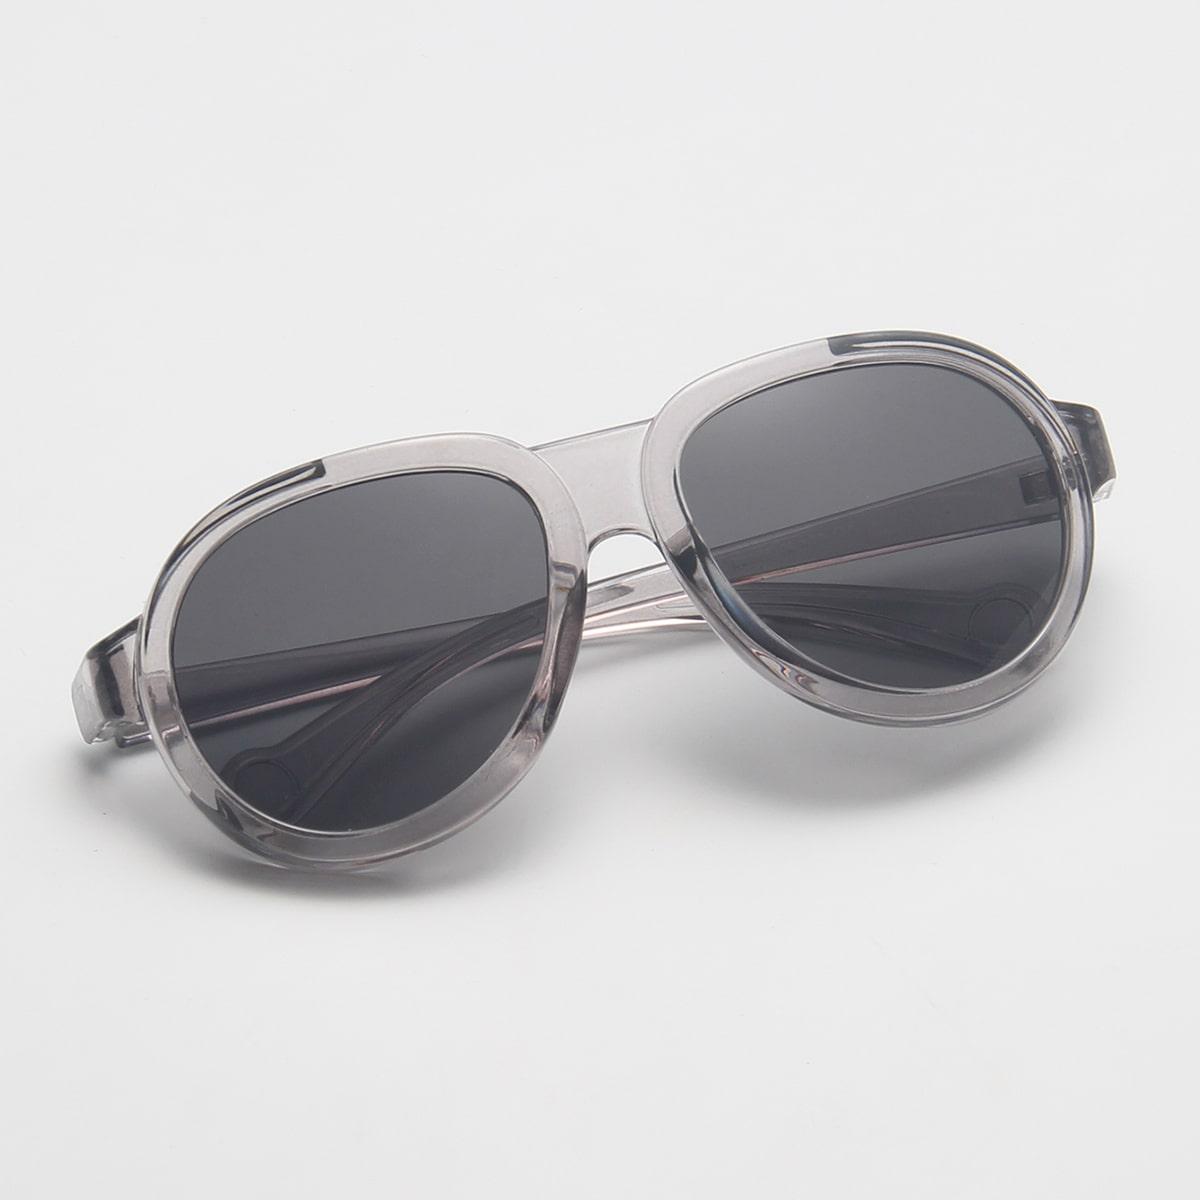 Круглые солнечные очки фото